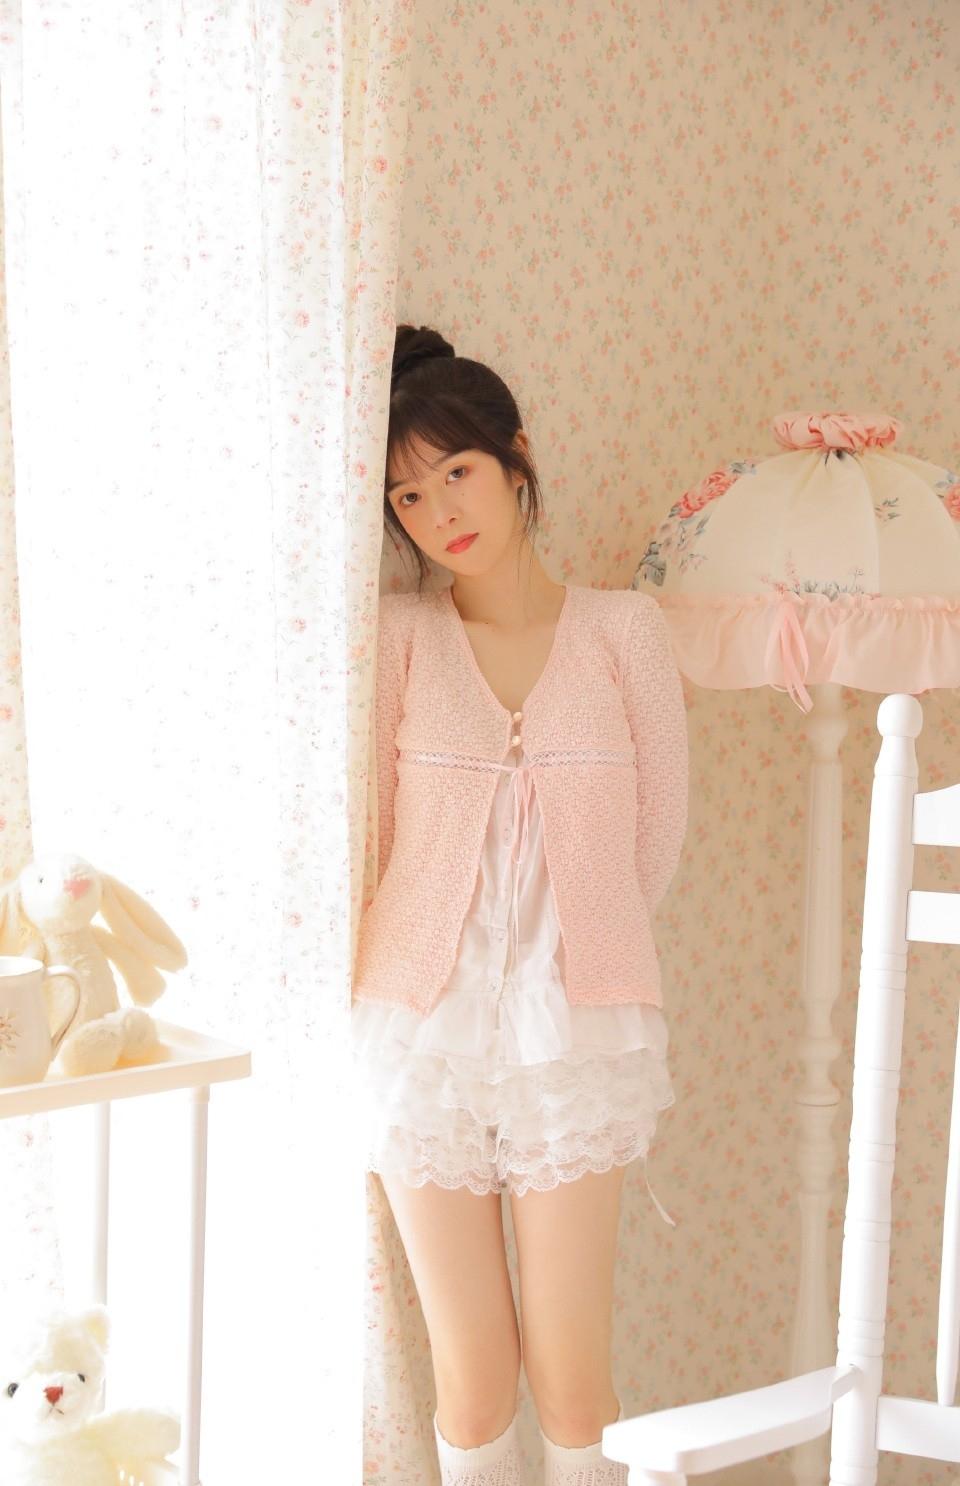 MIGD-544韩国漂亮美女模特知性淑女职业装写真